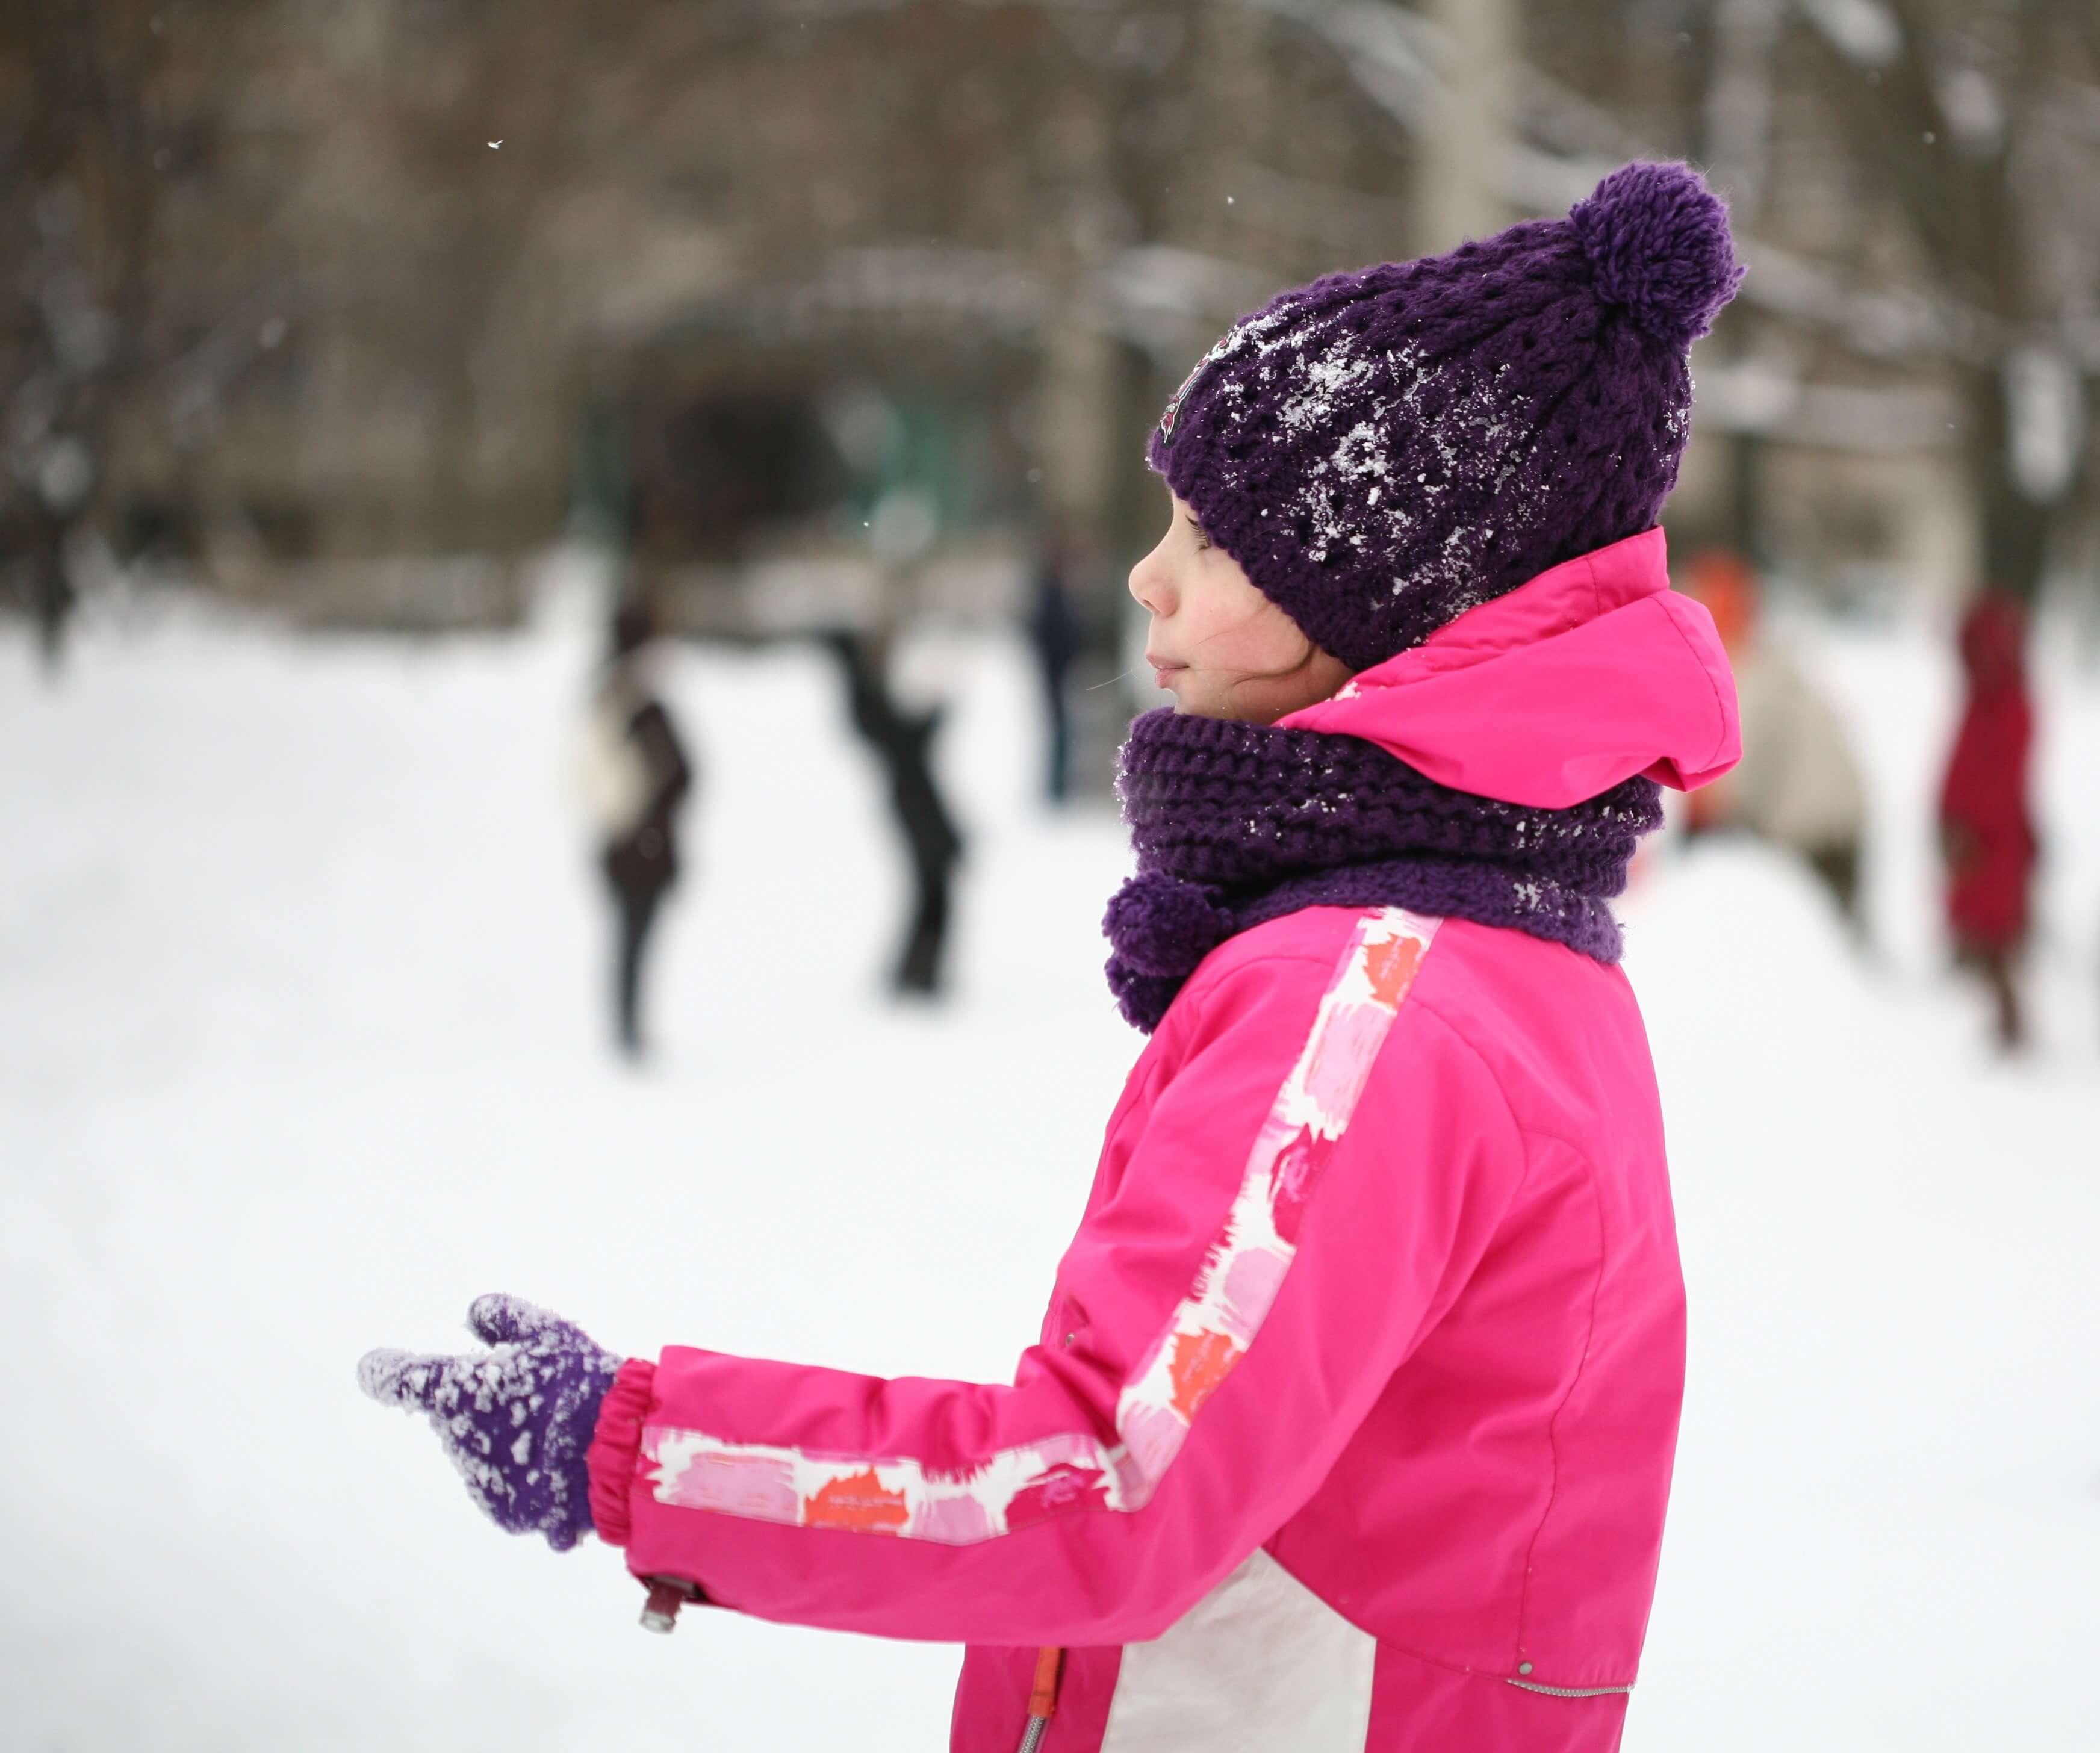 Funktionelle Winterbekleidung für Kinder - Mütze